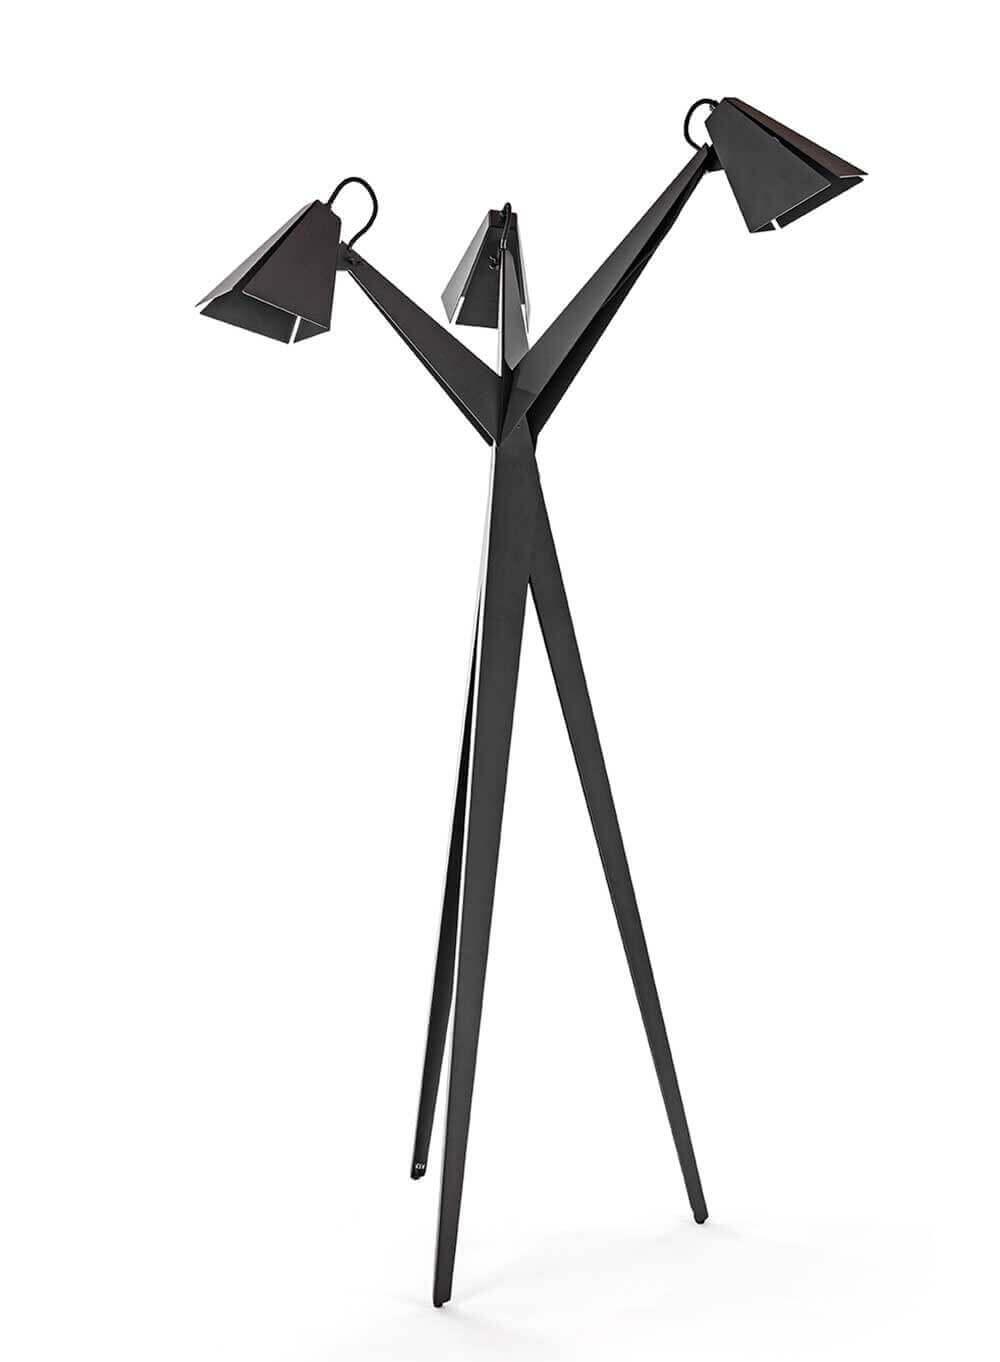 BLOEM design vloerlamp, elegant, circulair. Biophilic-design